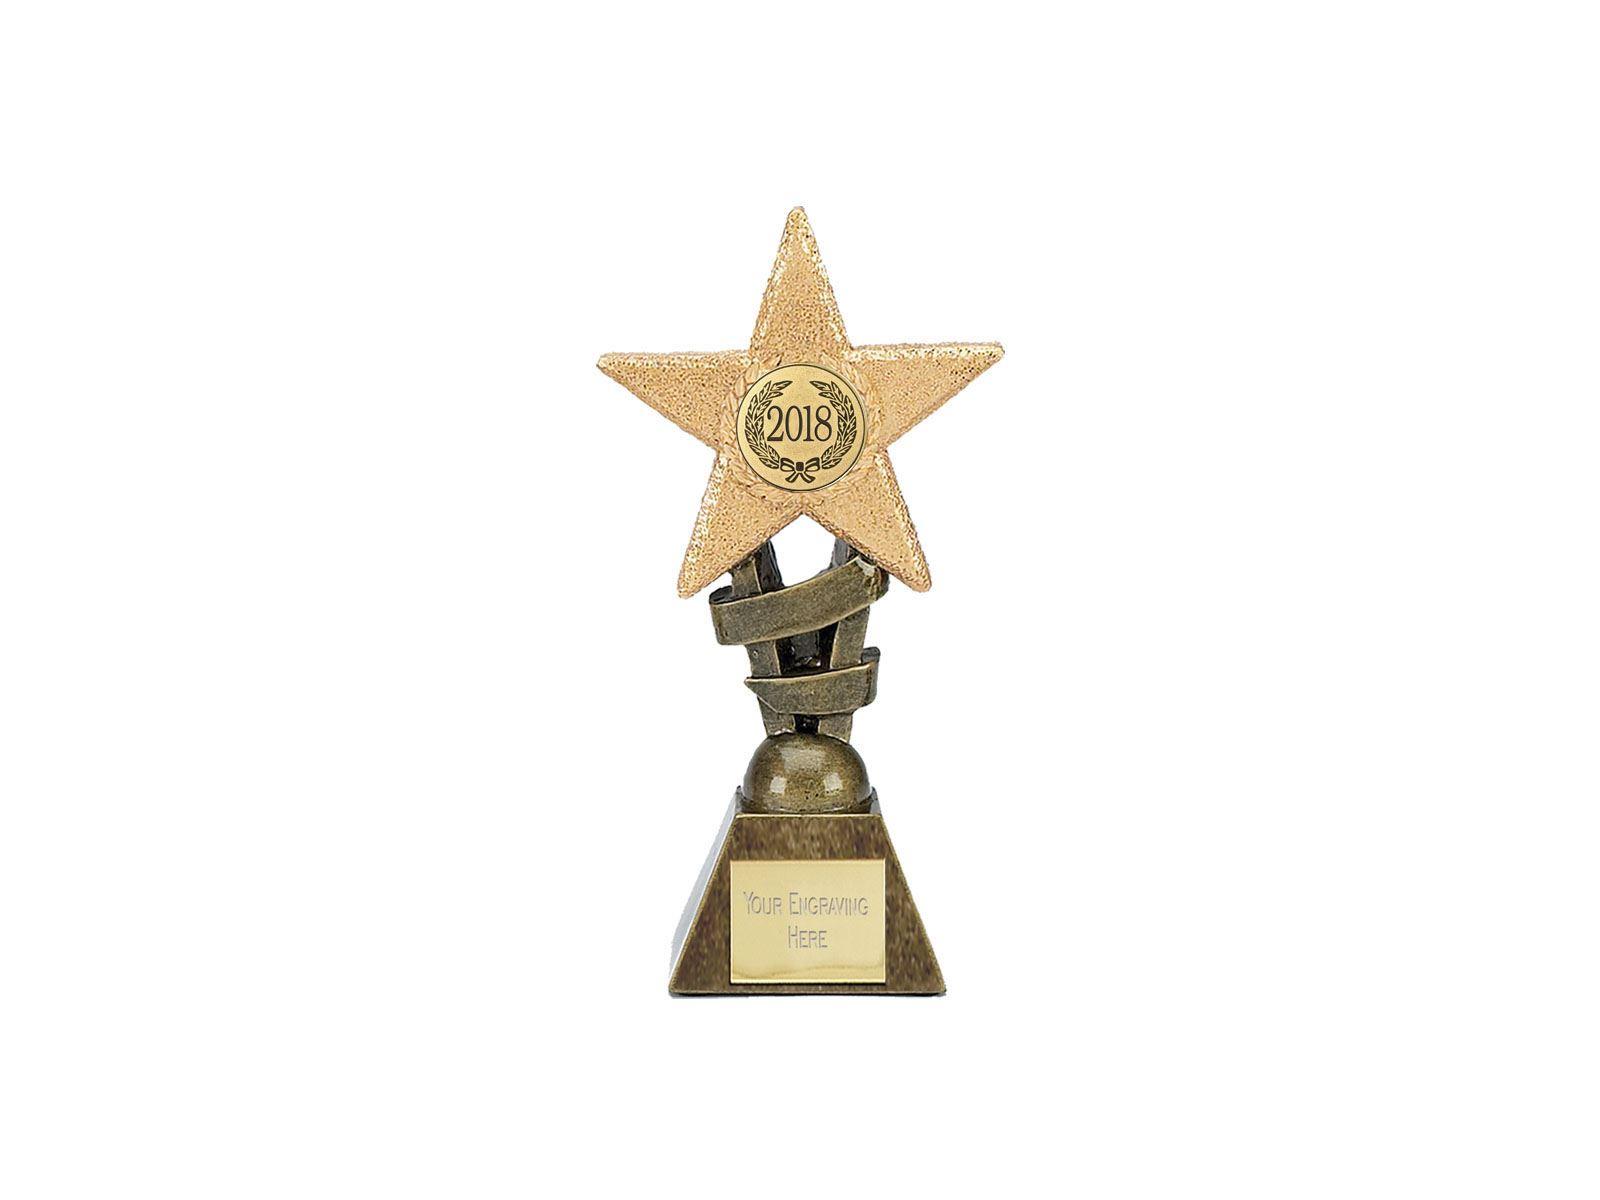 2018 Multi Award Star Trophy 12cm 475